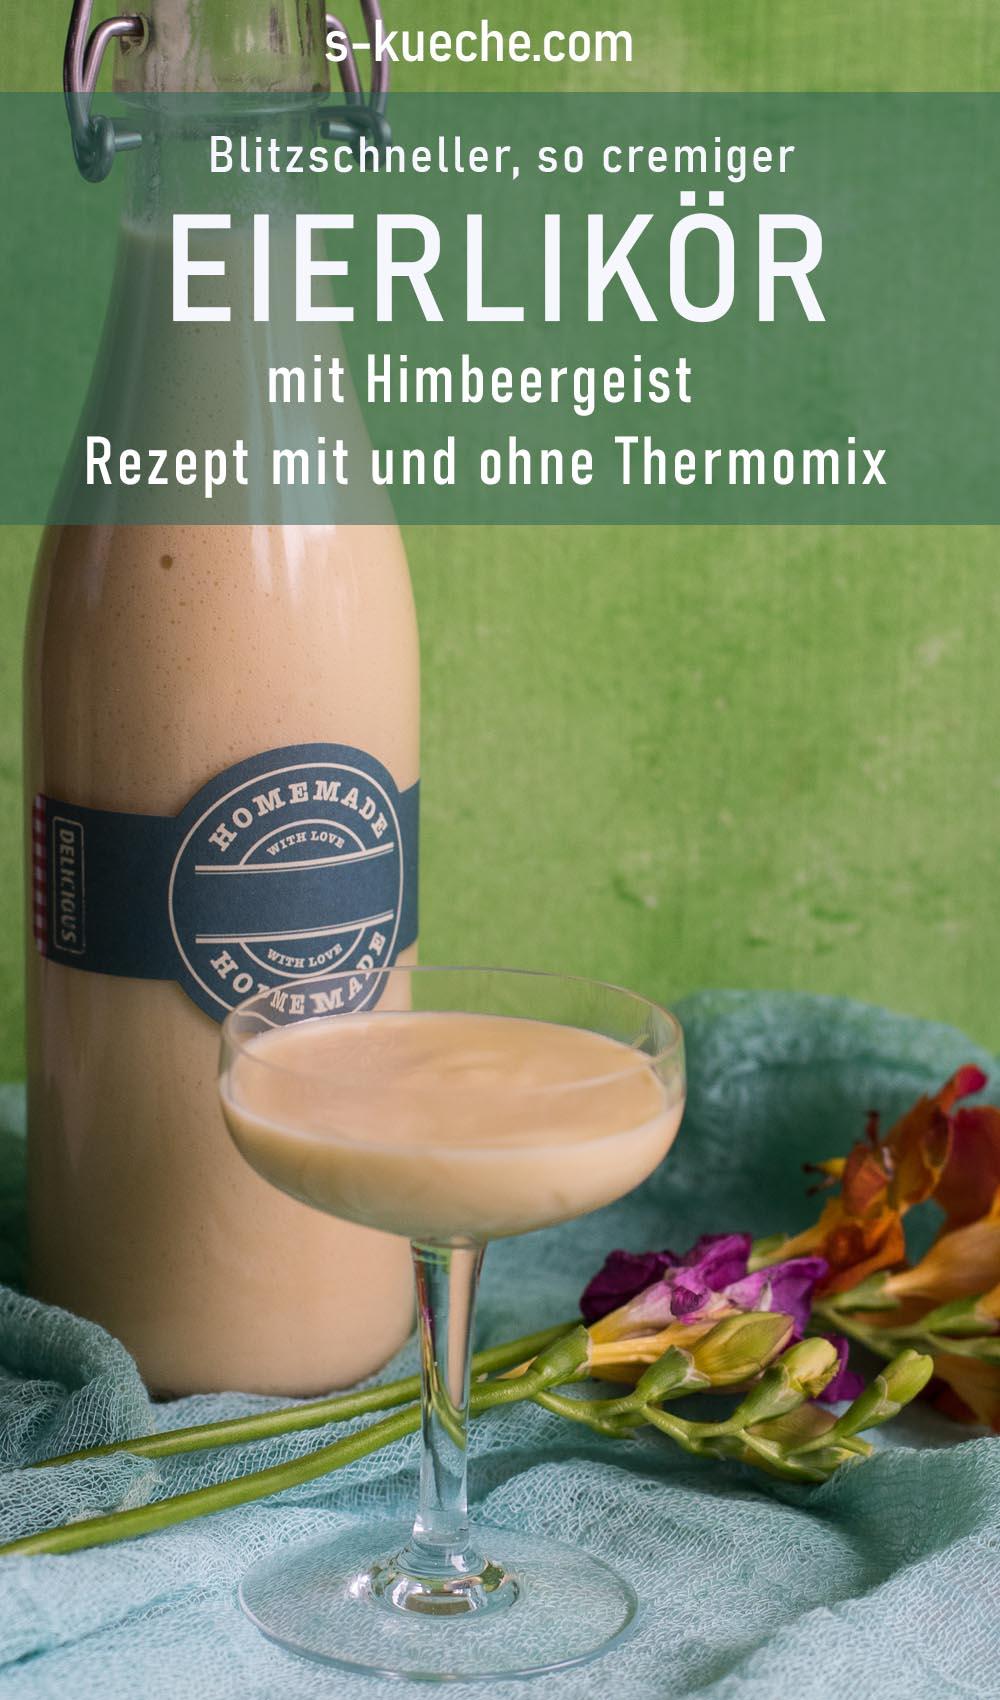 Eierlikör mit Himbeergeist - Rezept mit oder ohne Thermomix